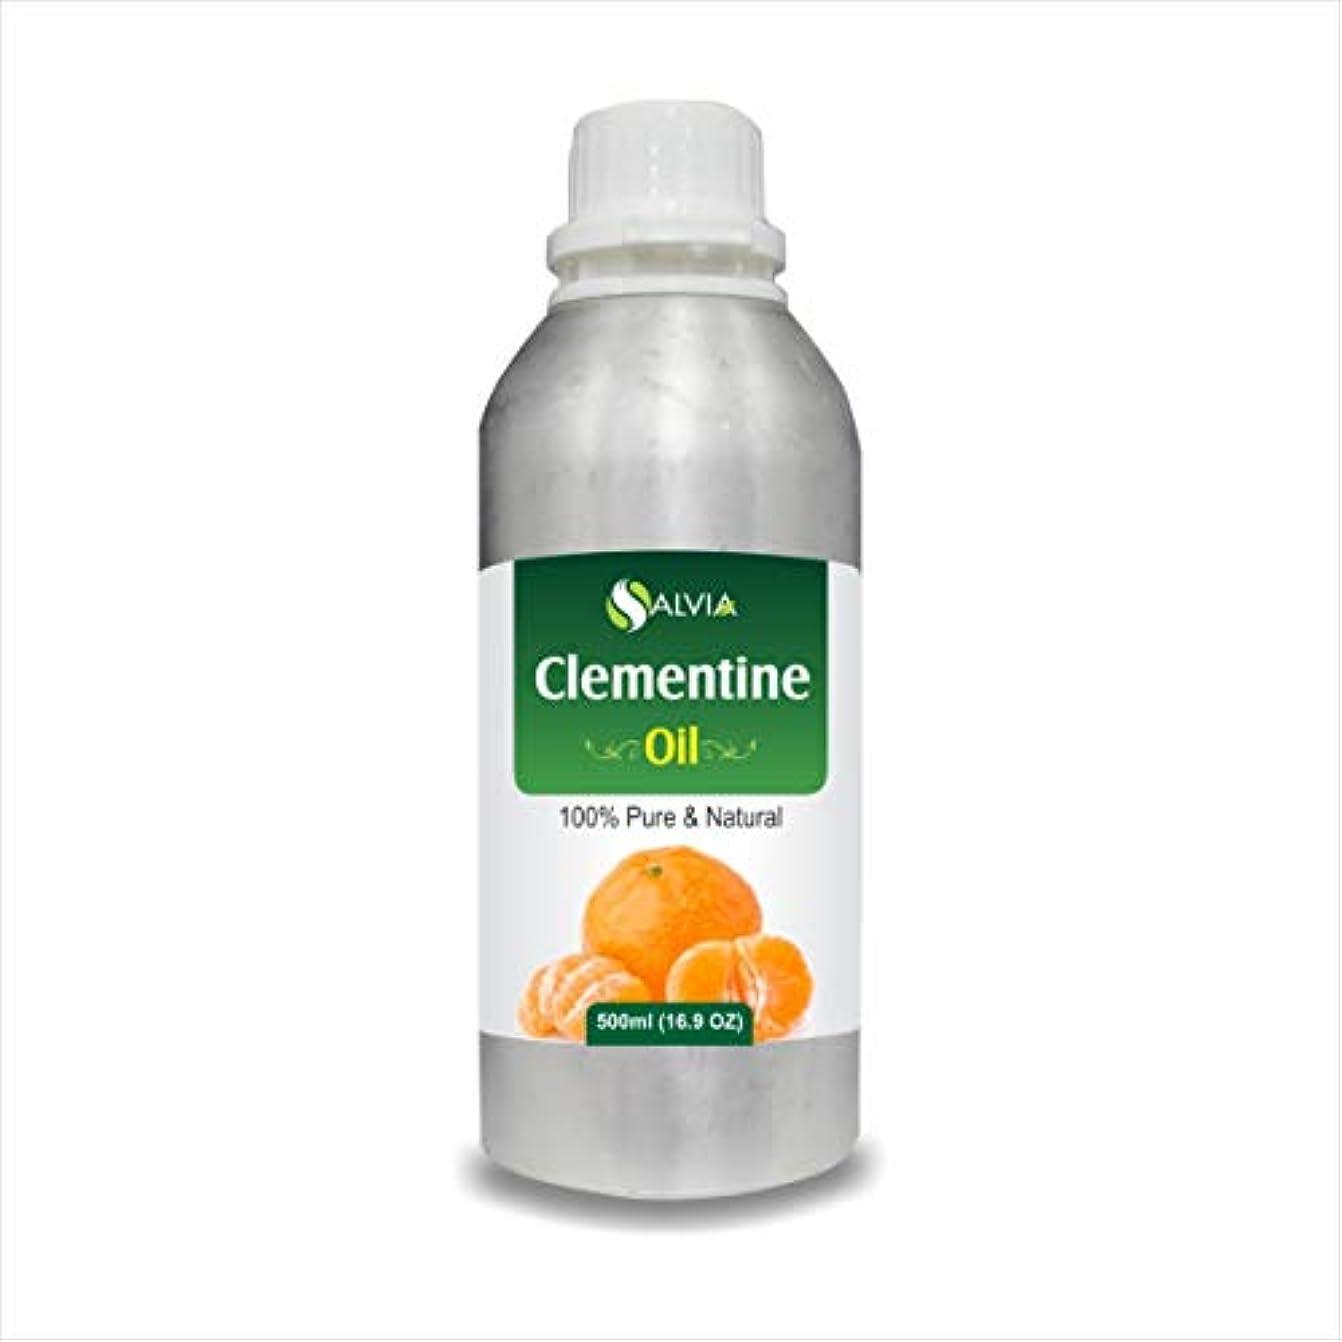 リムガラス差し迫ったClementine Oil (Citrus Clementine) 100% Natural Pure Undiluted Uncut Essential Oil 500ml